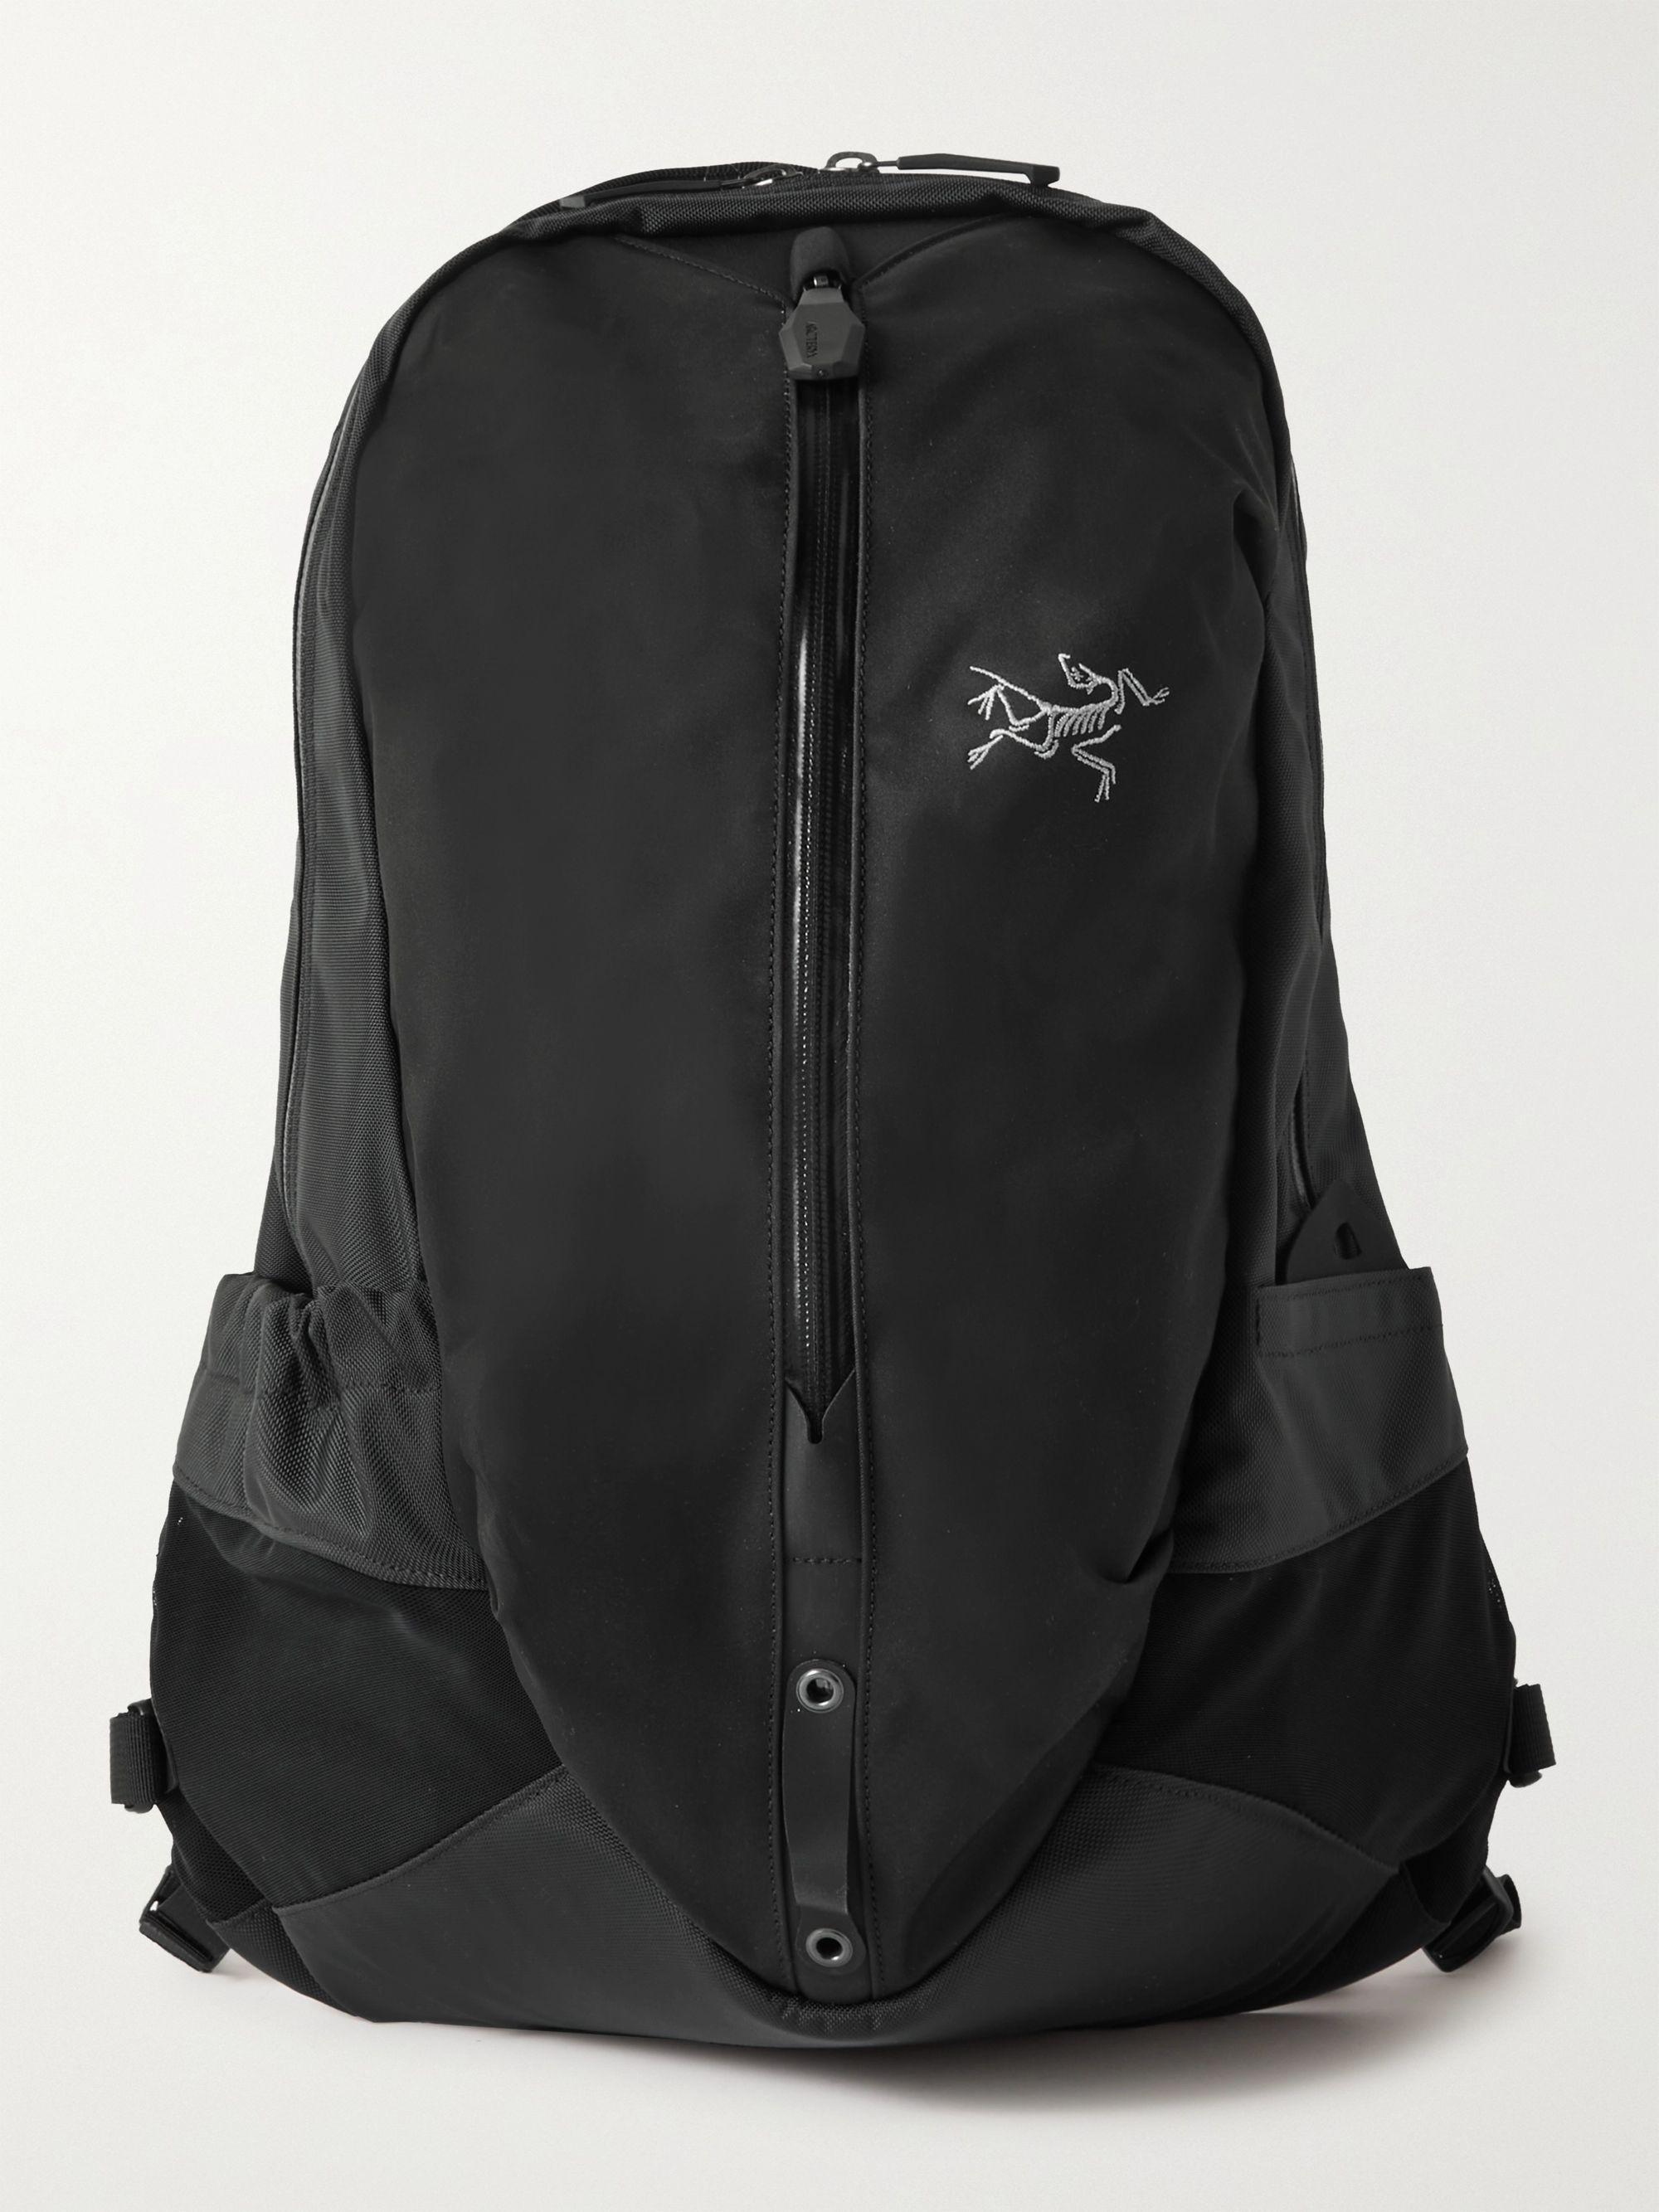 아크테릭스 로고 백팩 ArcTeryx Arro 16 Shell and Ripstop Backpack,Black